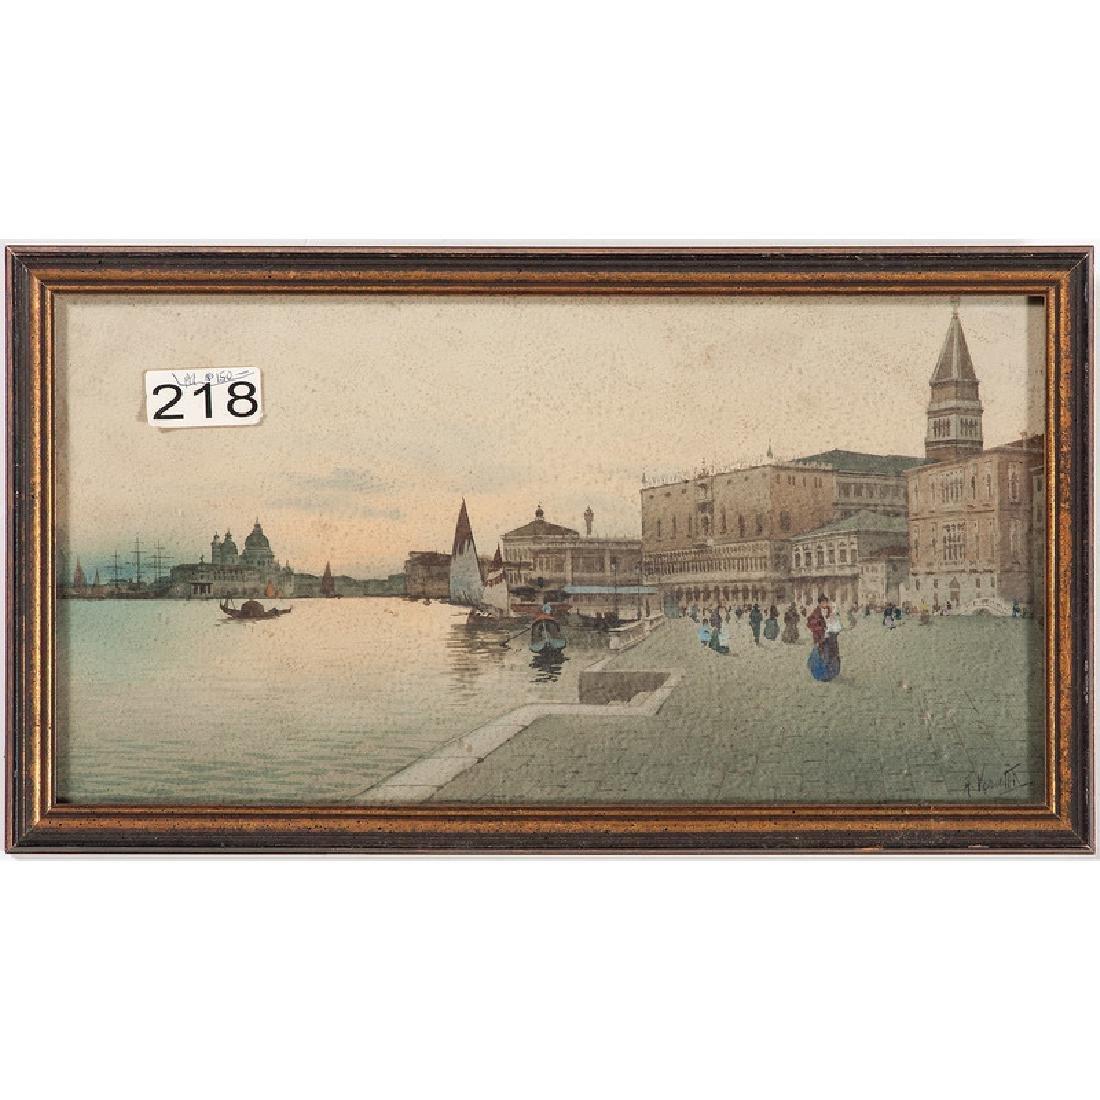 A. Verutti (Italian, 20th century)